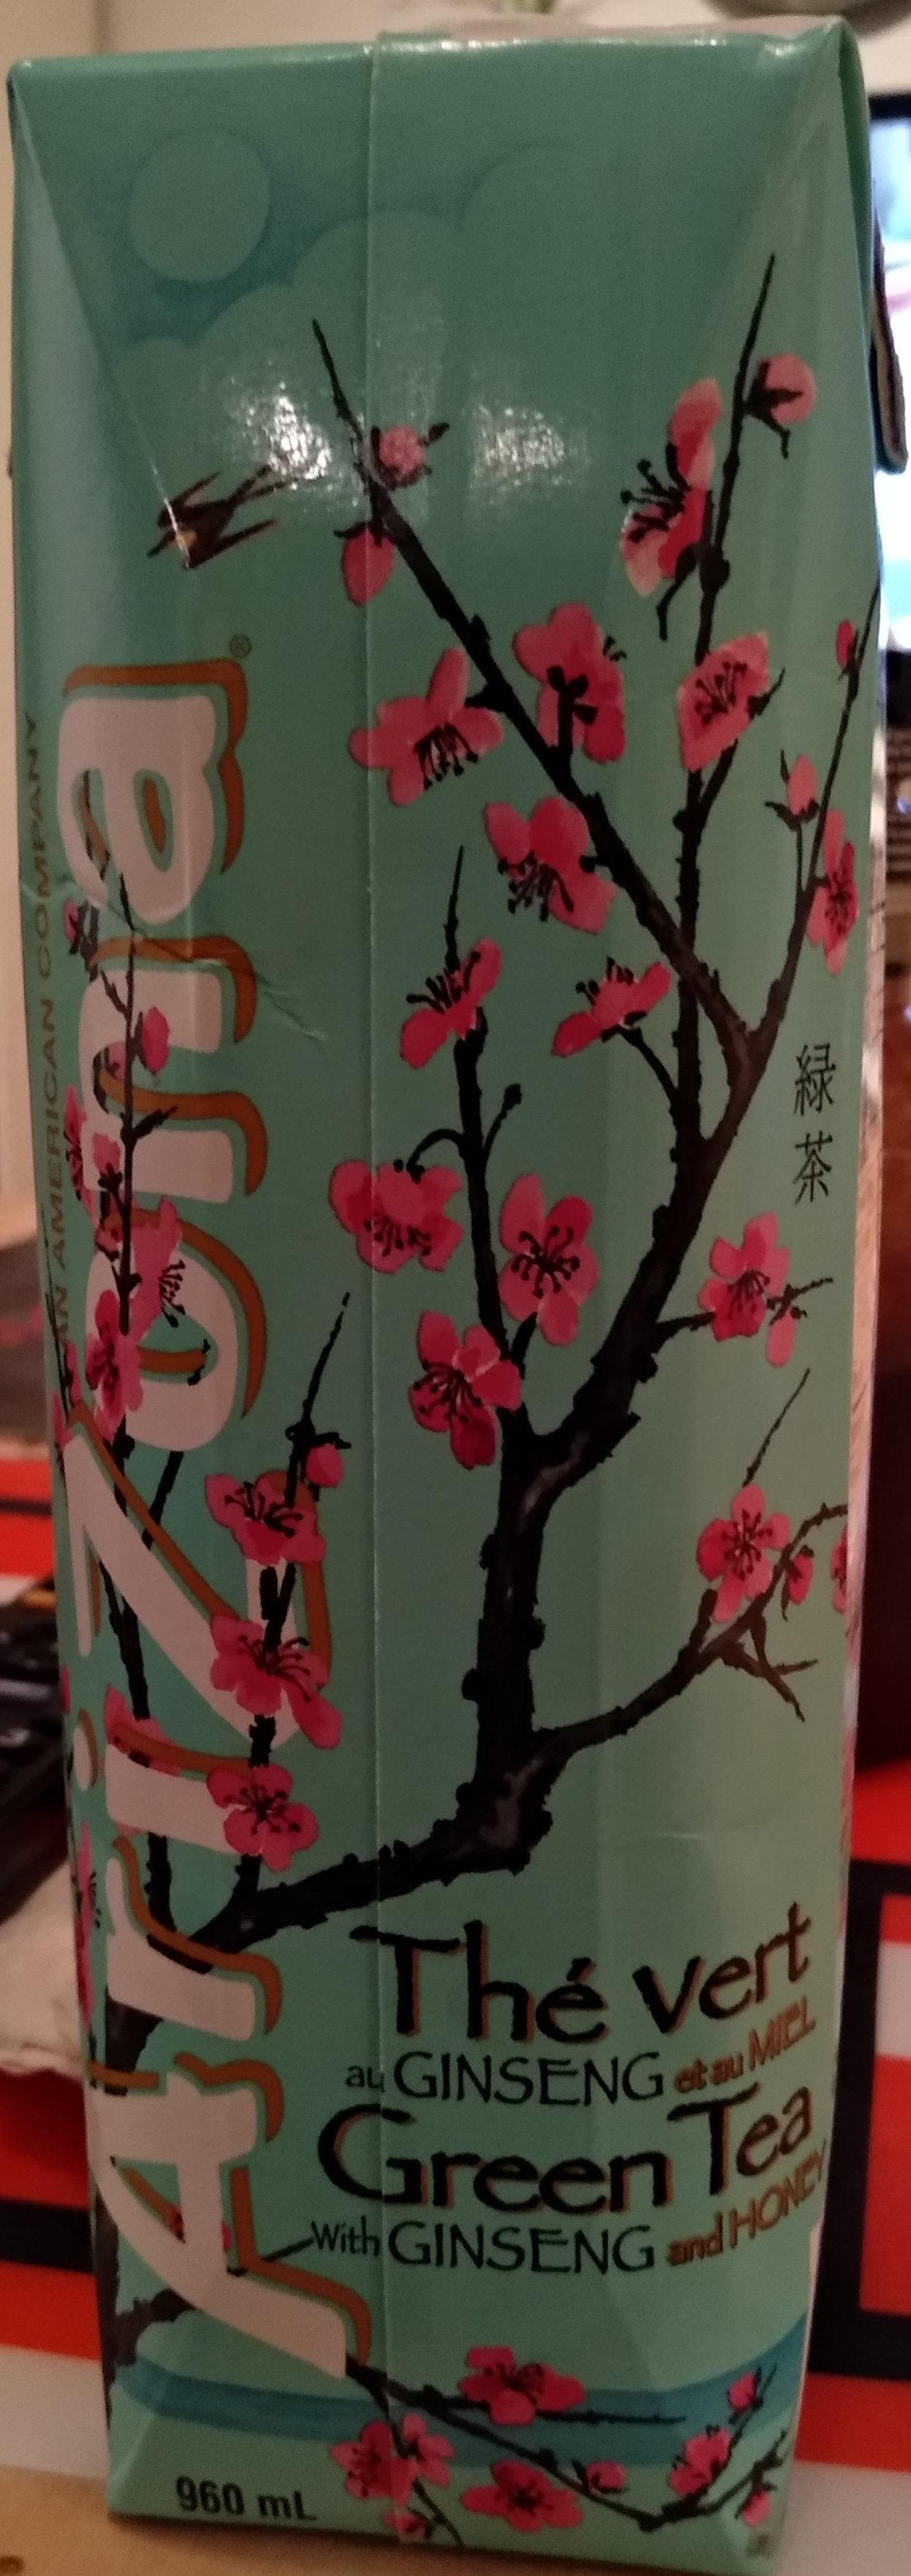 Green Tea - Produit - fr